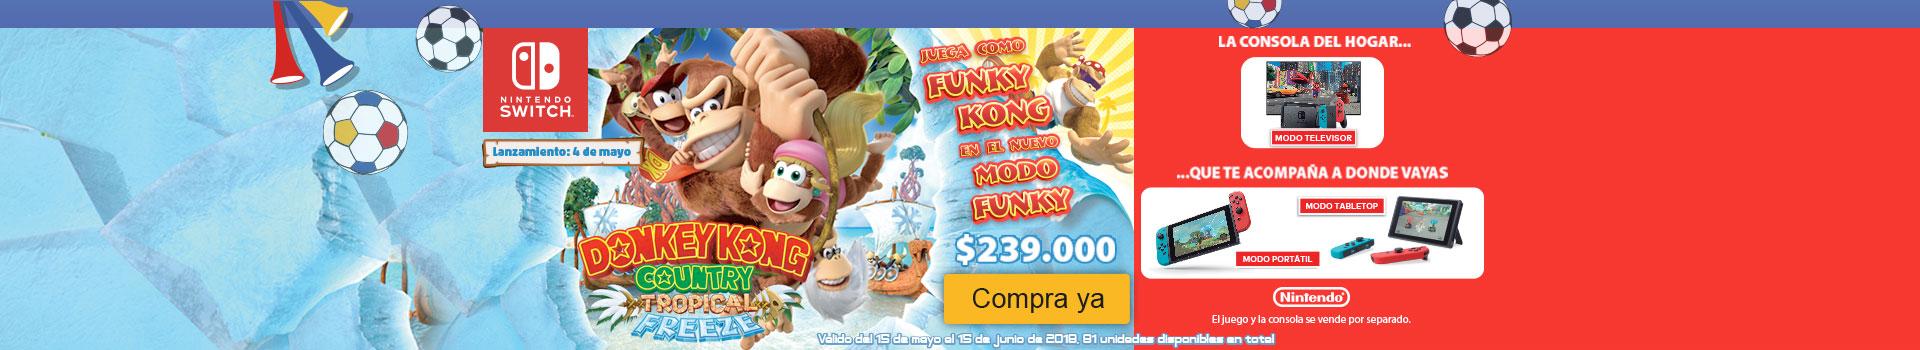 AK-BCAT-19-videojuegos-PP---Nintendo-donkey-May5